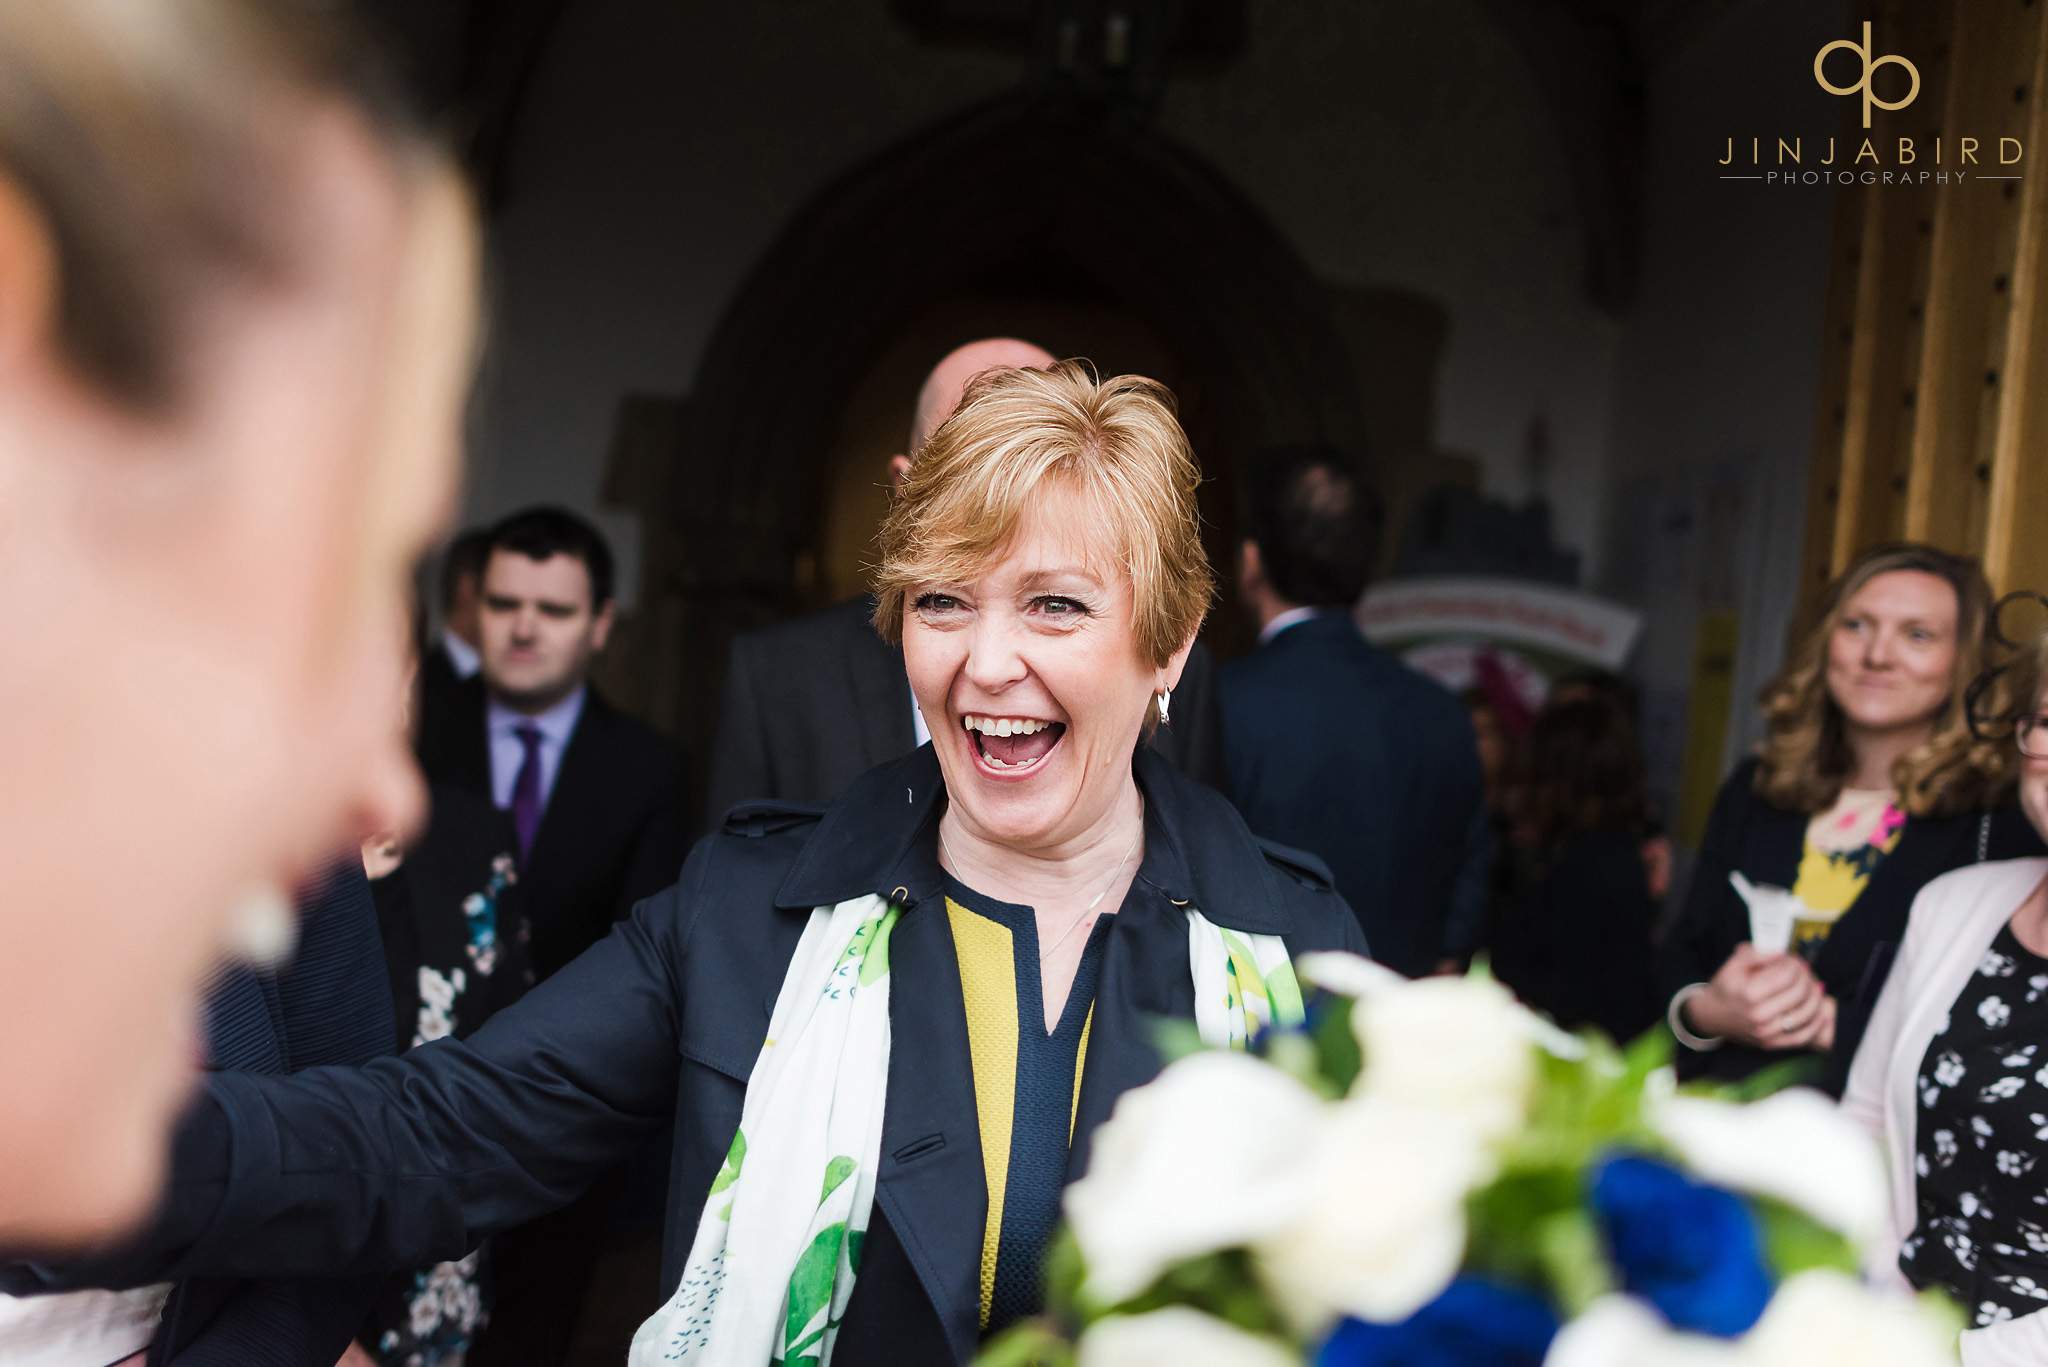 wedding guest congratulating bride